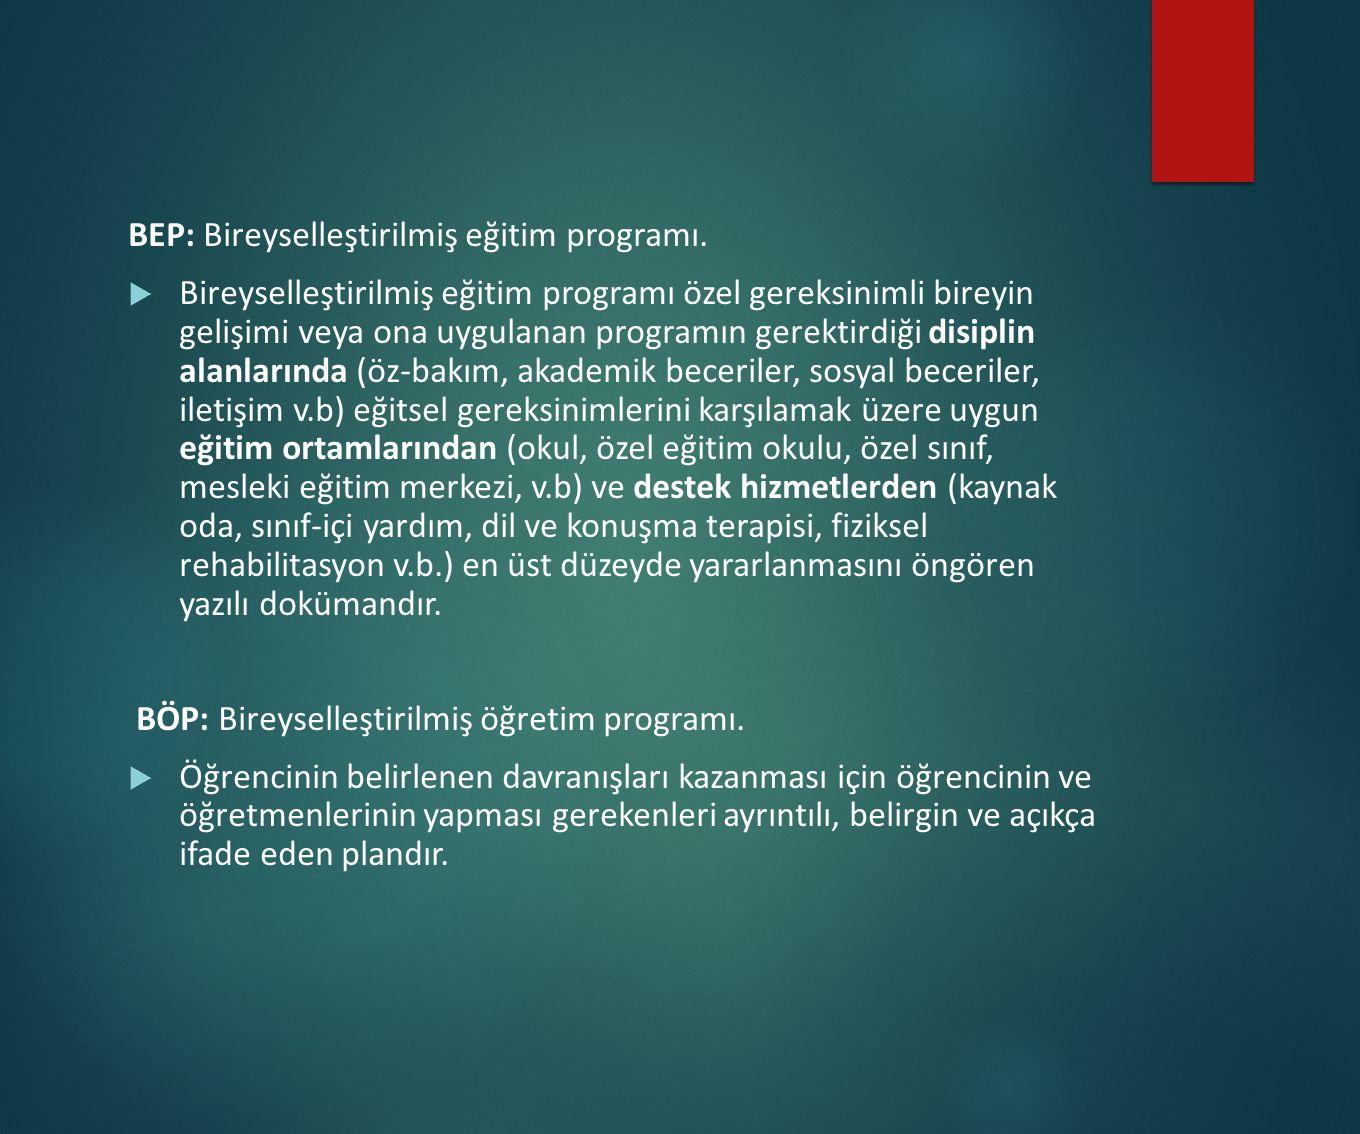 BEP: Bireyselleştirilmiş eğitim programı.